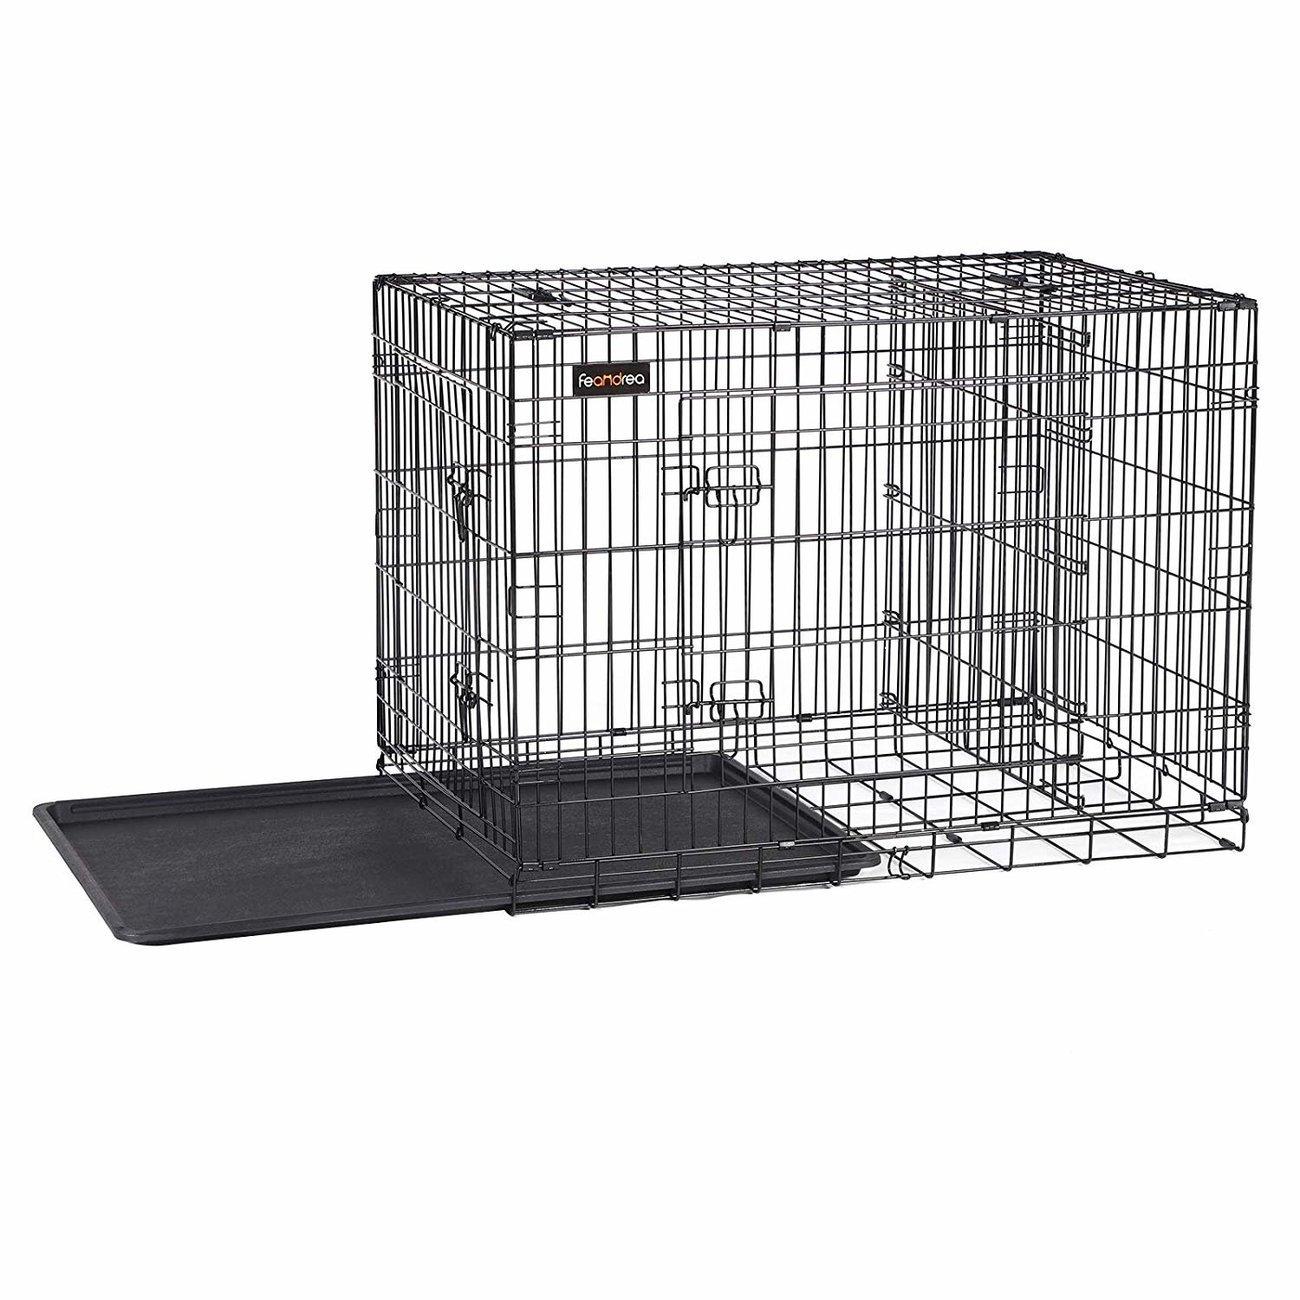 FEANDREA Hundekäfig, Hundebox mit Trennwand, 2 Türen, Bild 8